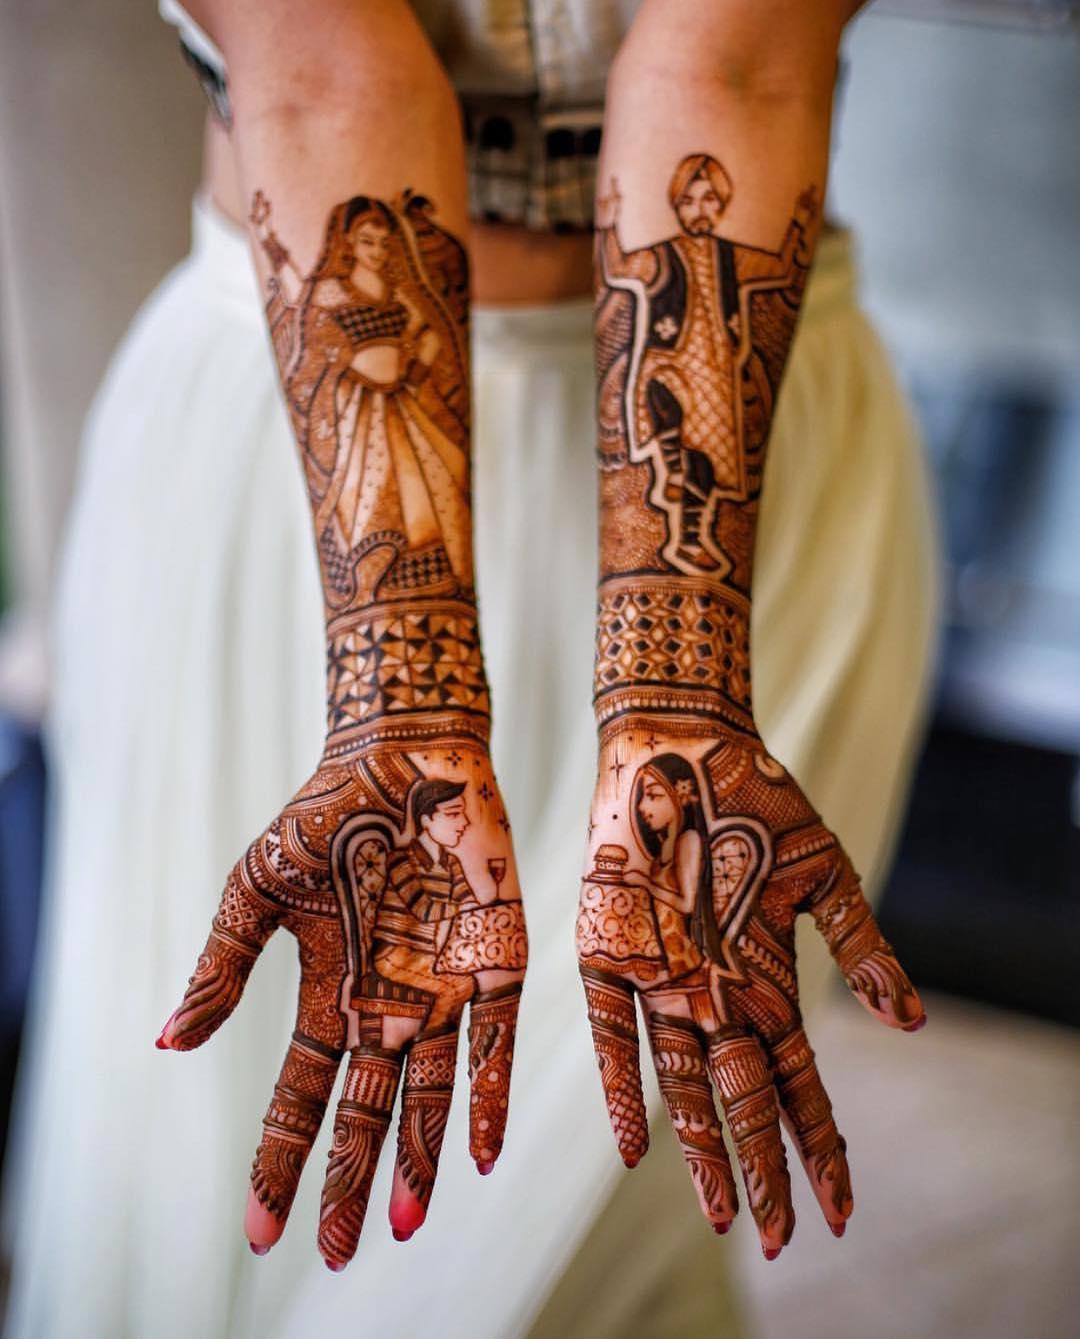 PunjabKesari, Nari, BestPortraits Mehndi Design Images,बेस्टपोट्रेट मेहंदी डिजाइन इमेज